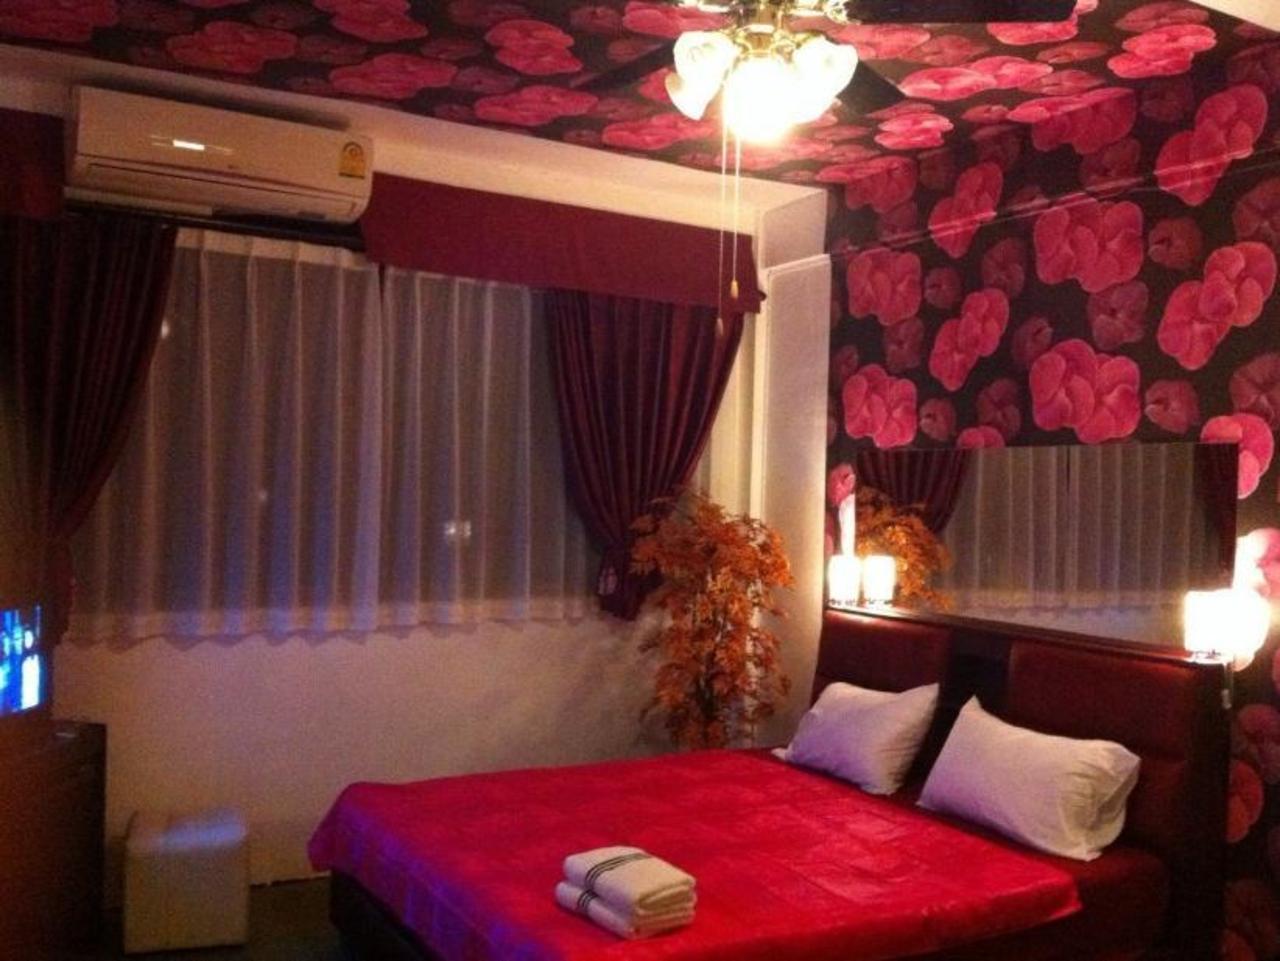 โรงแรมแมกซ์เวลล์ (Maxwell Hotel)